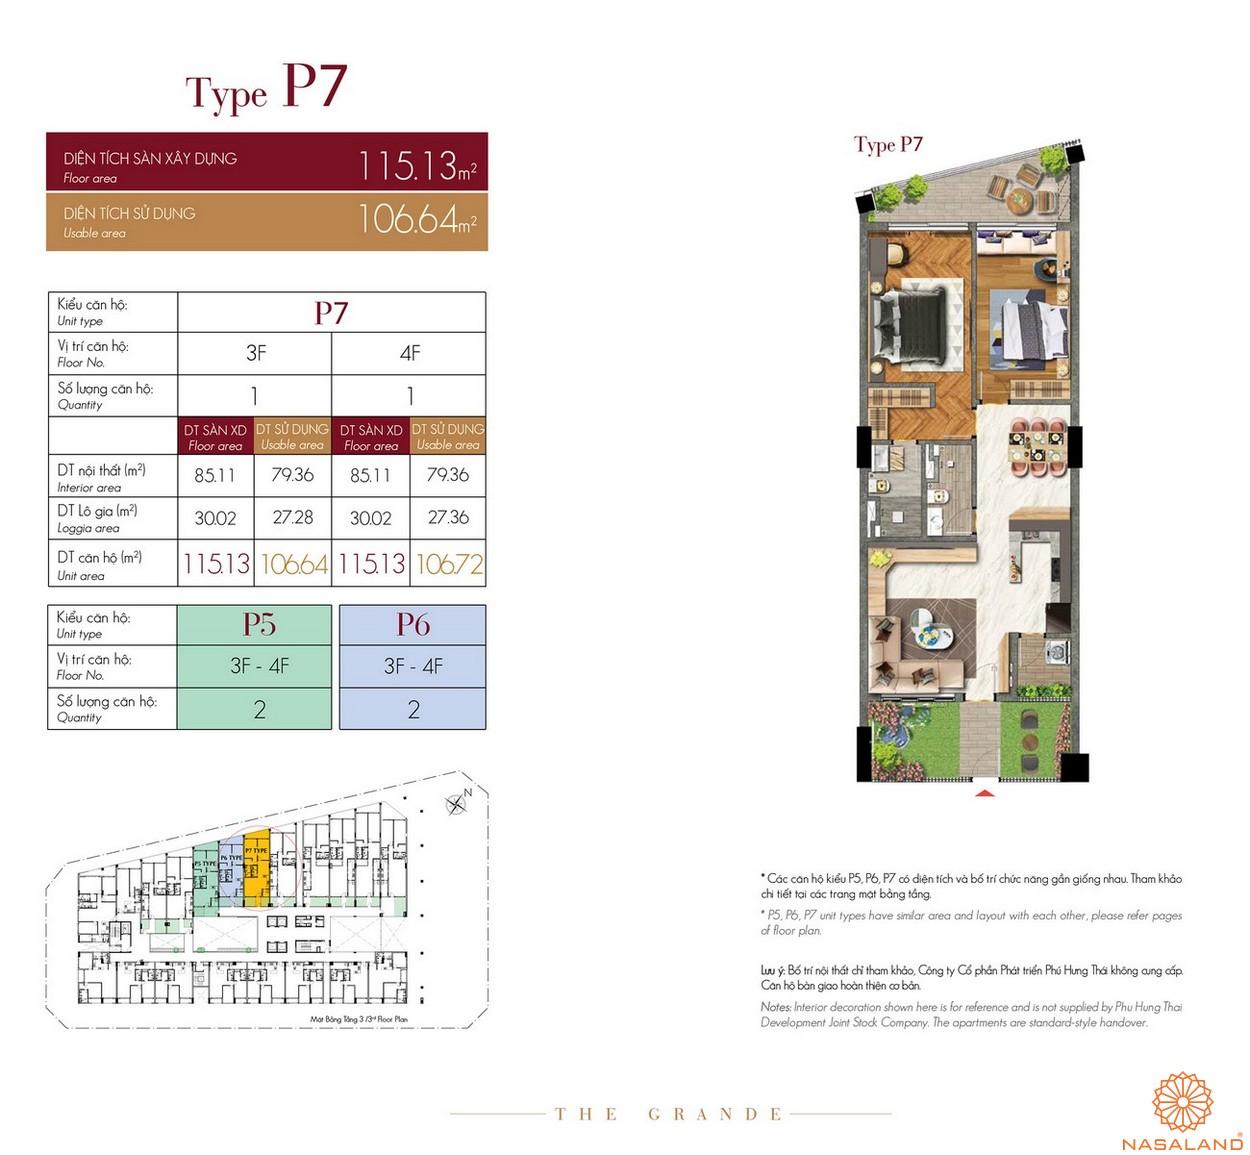 Thiết kế căn hộ Type P7 dự án The Grande Midtown quận 7